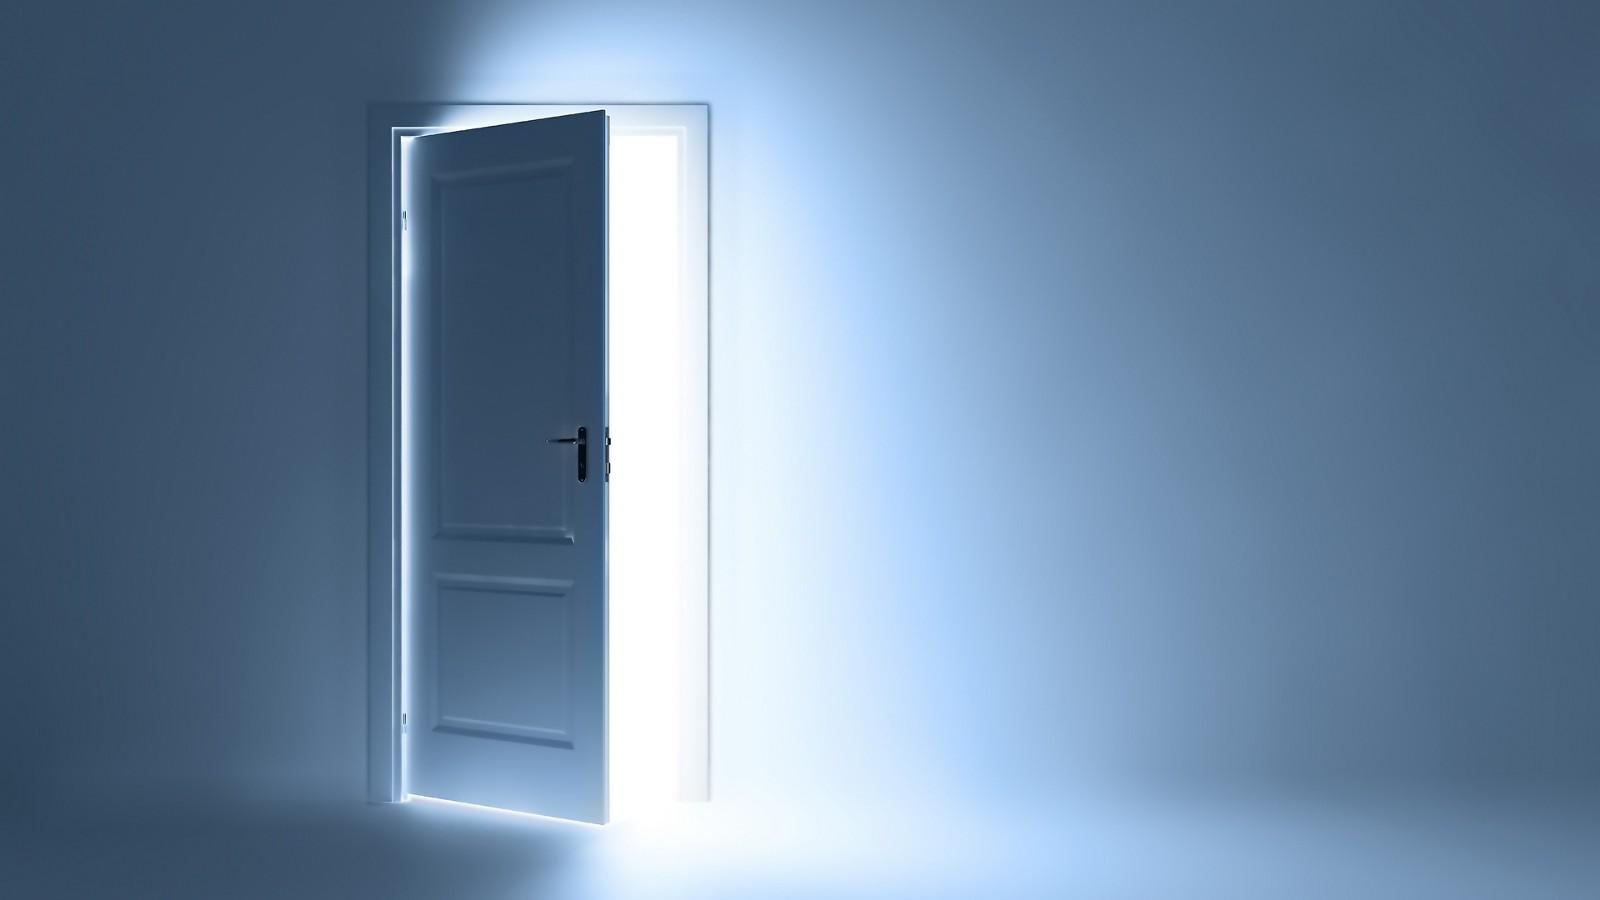 снится звонок в дверь